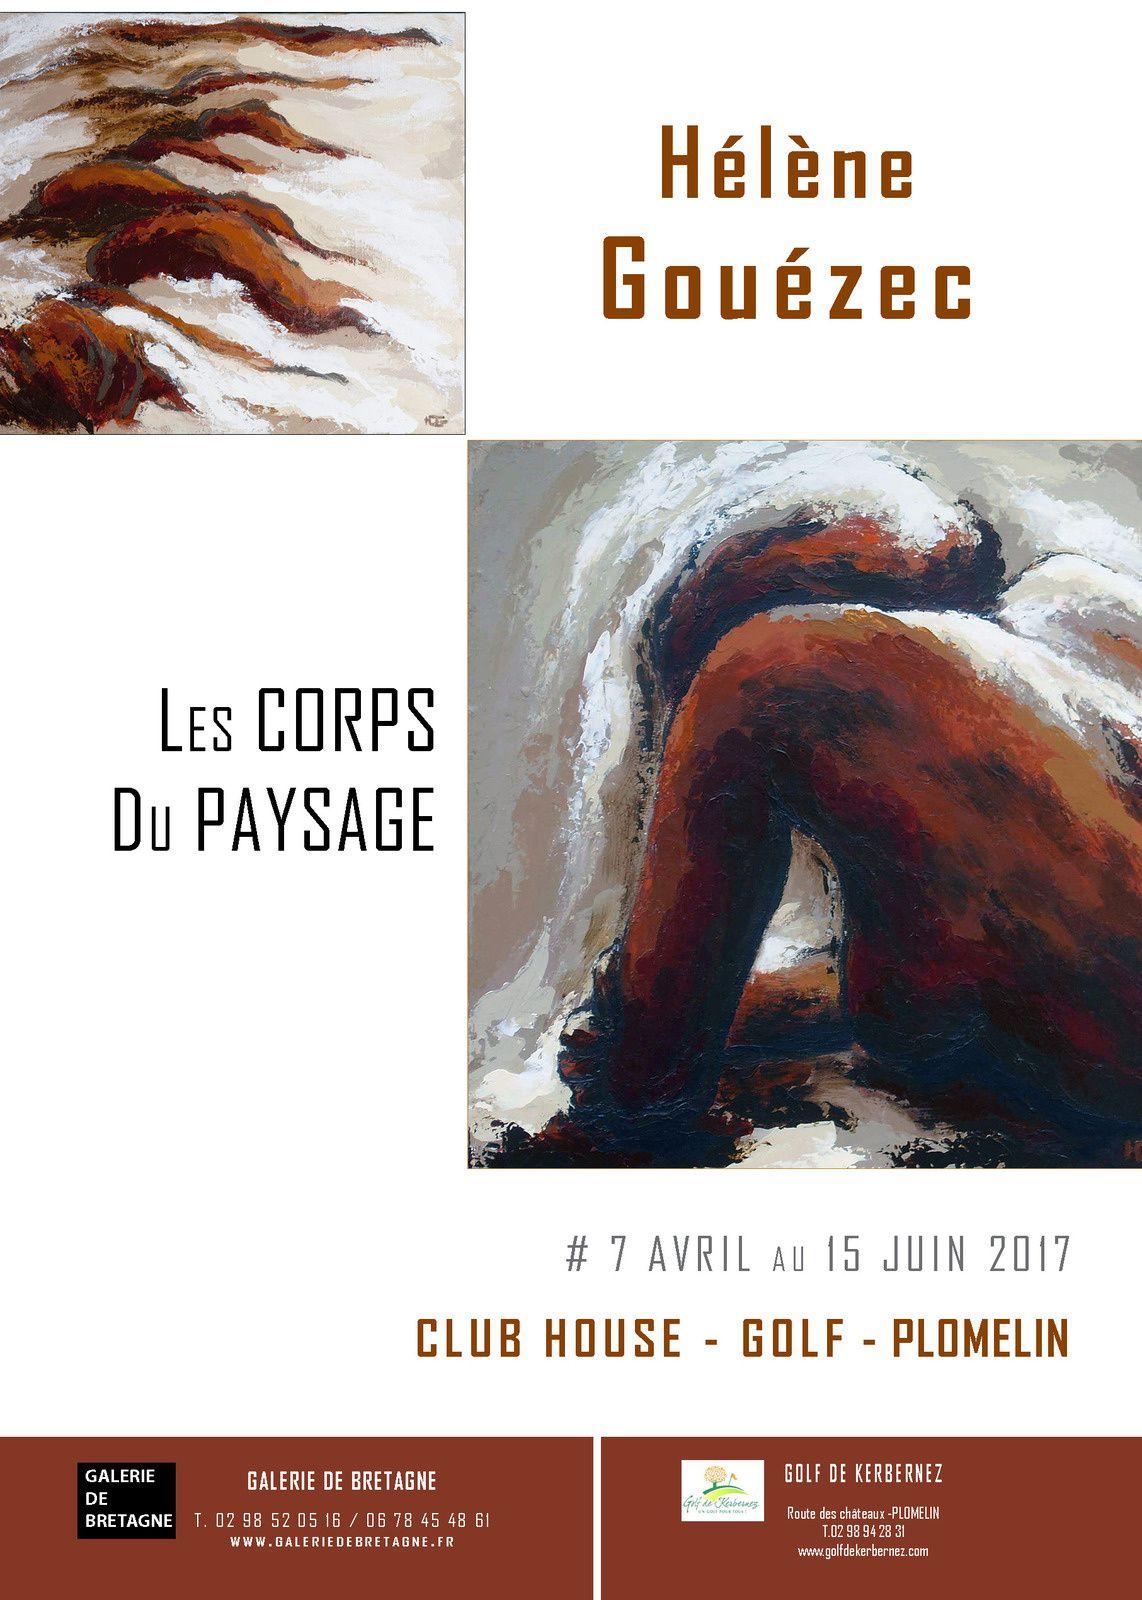 Exposition Hélène Gouezec. Printemps 2017